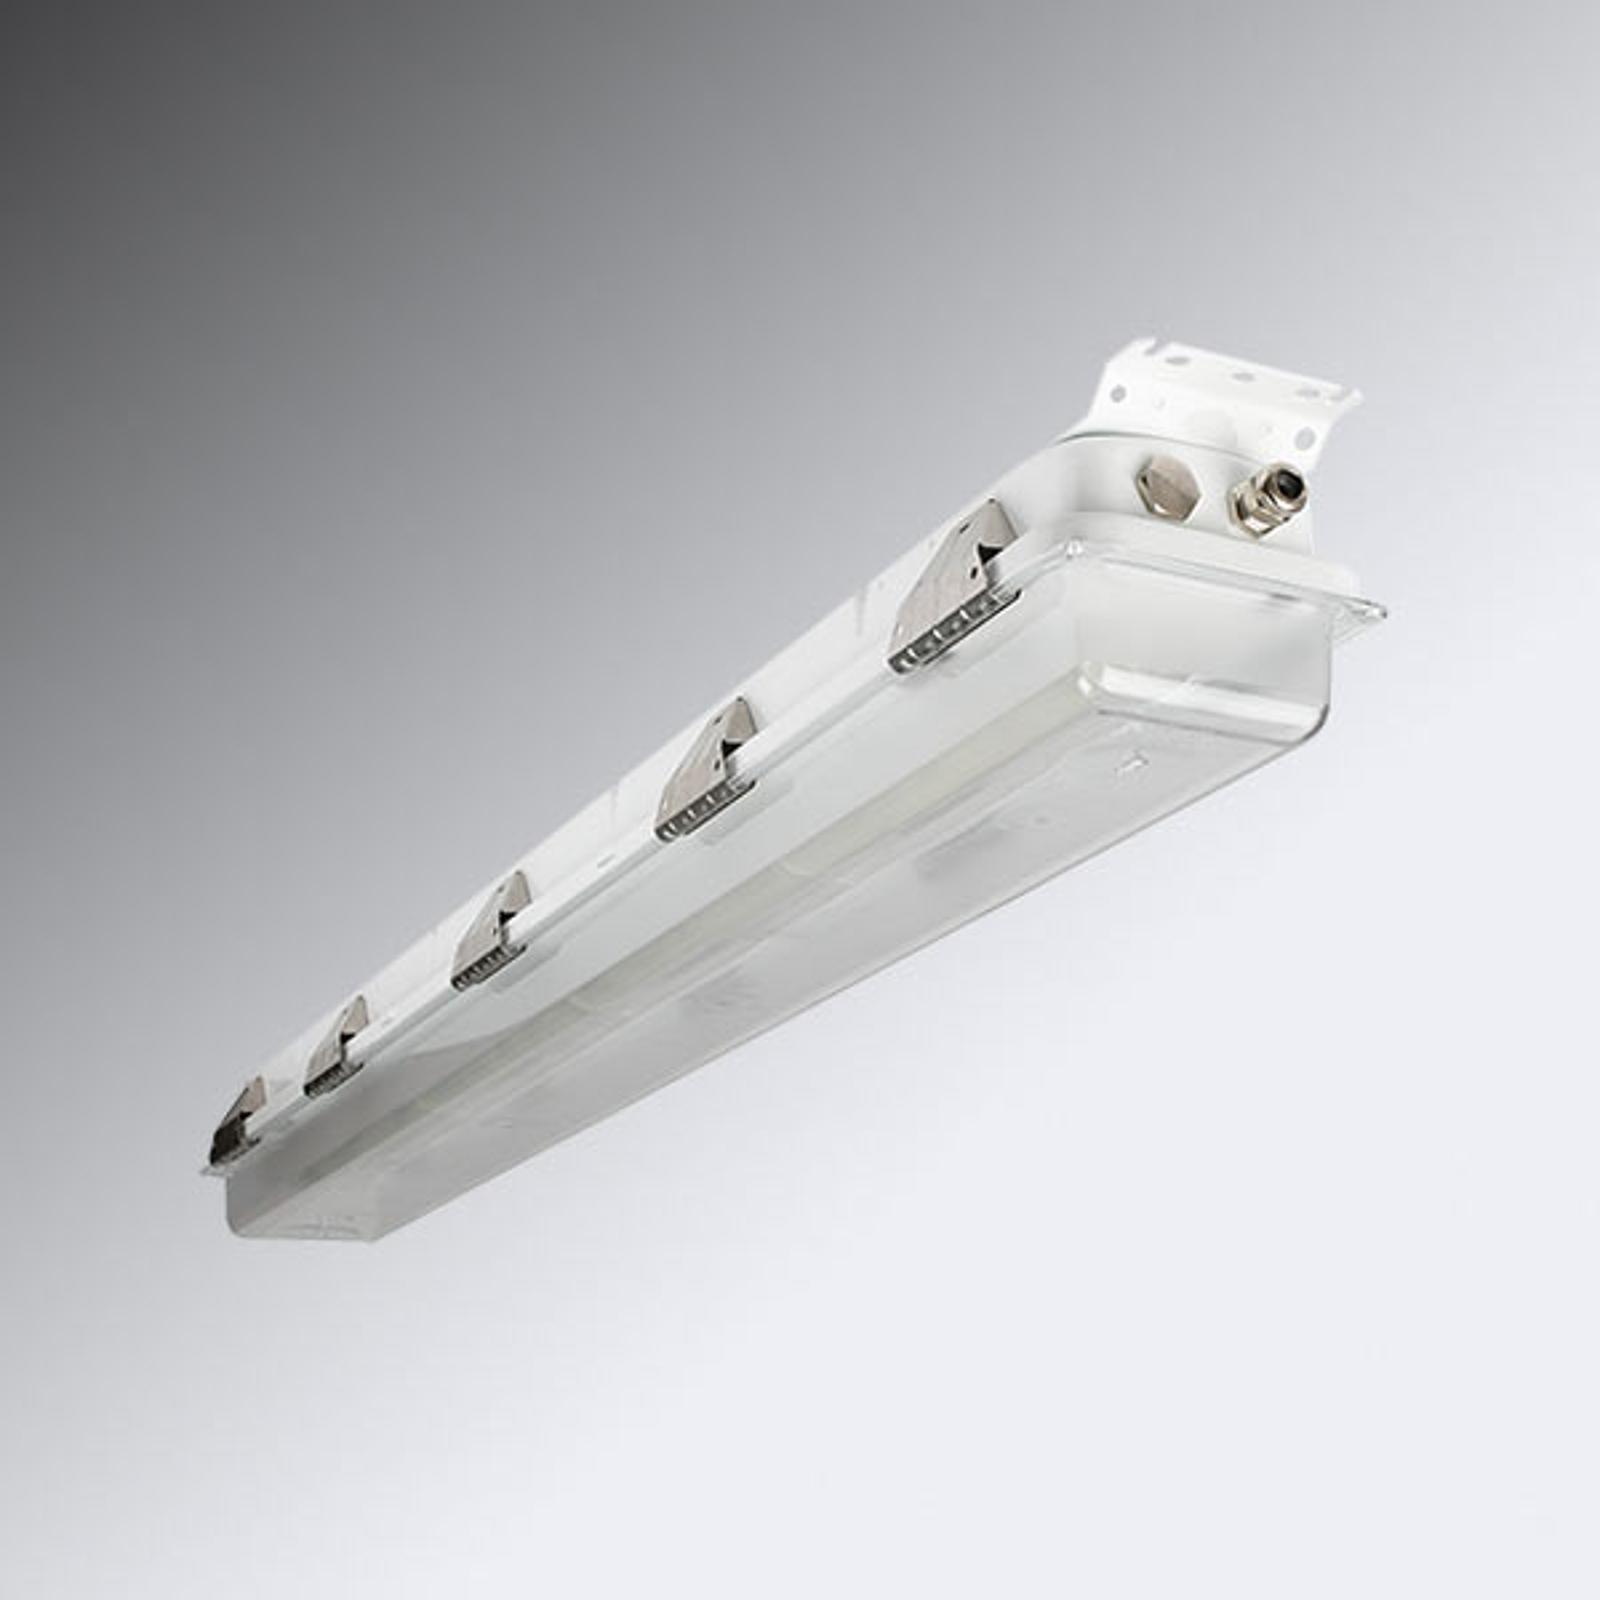 MAX LED - Ex-klassificeret armatur 4500 HF